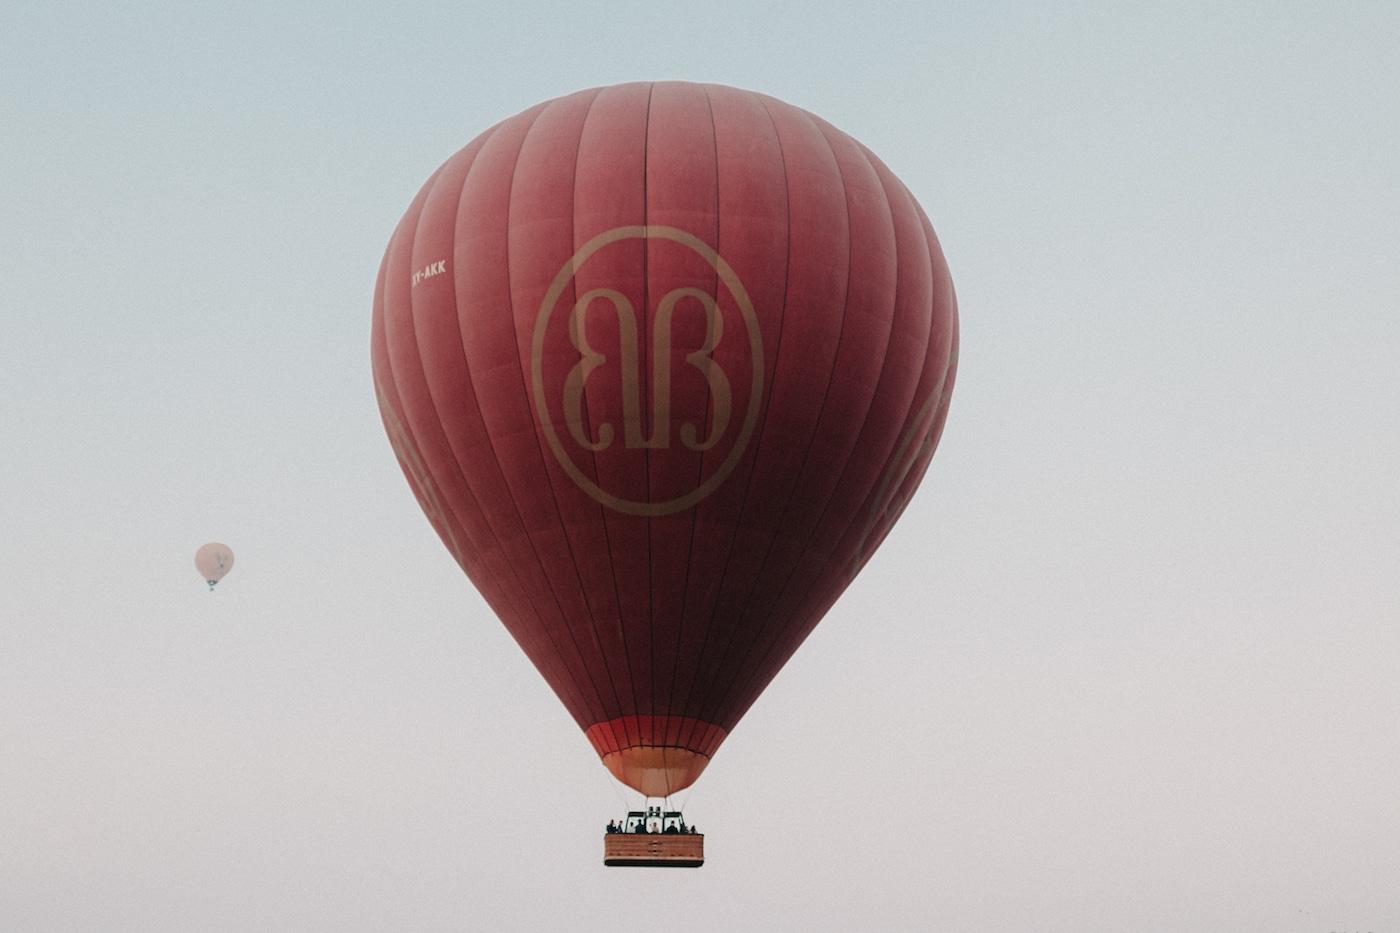 Ballonfahrt über Bagan Balloon